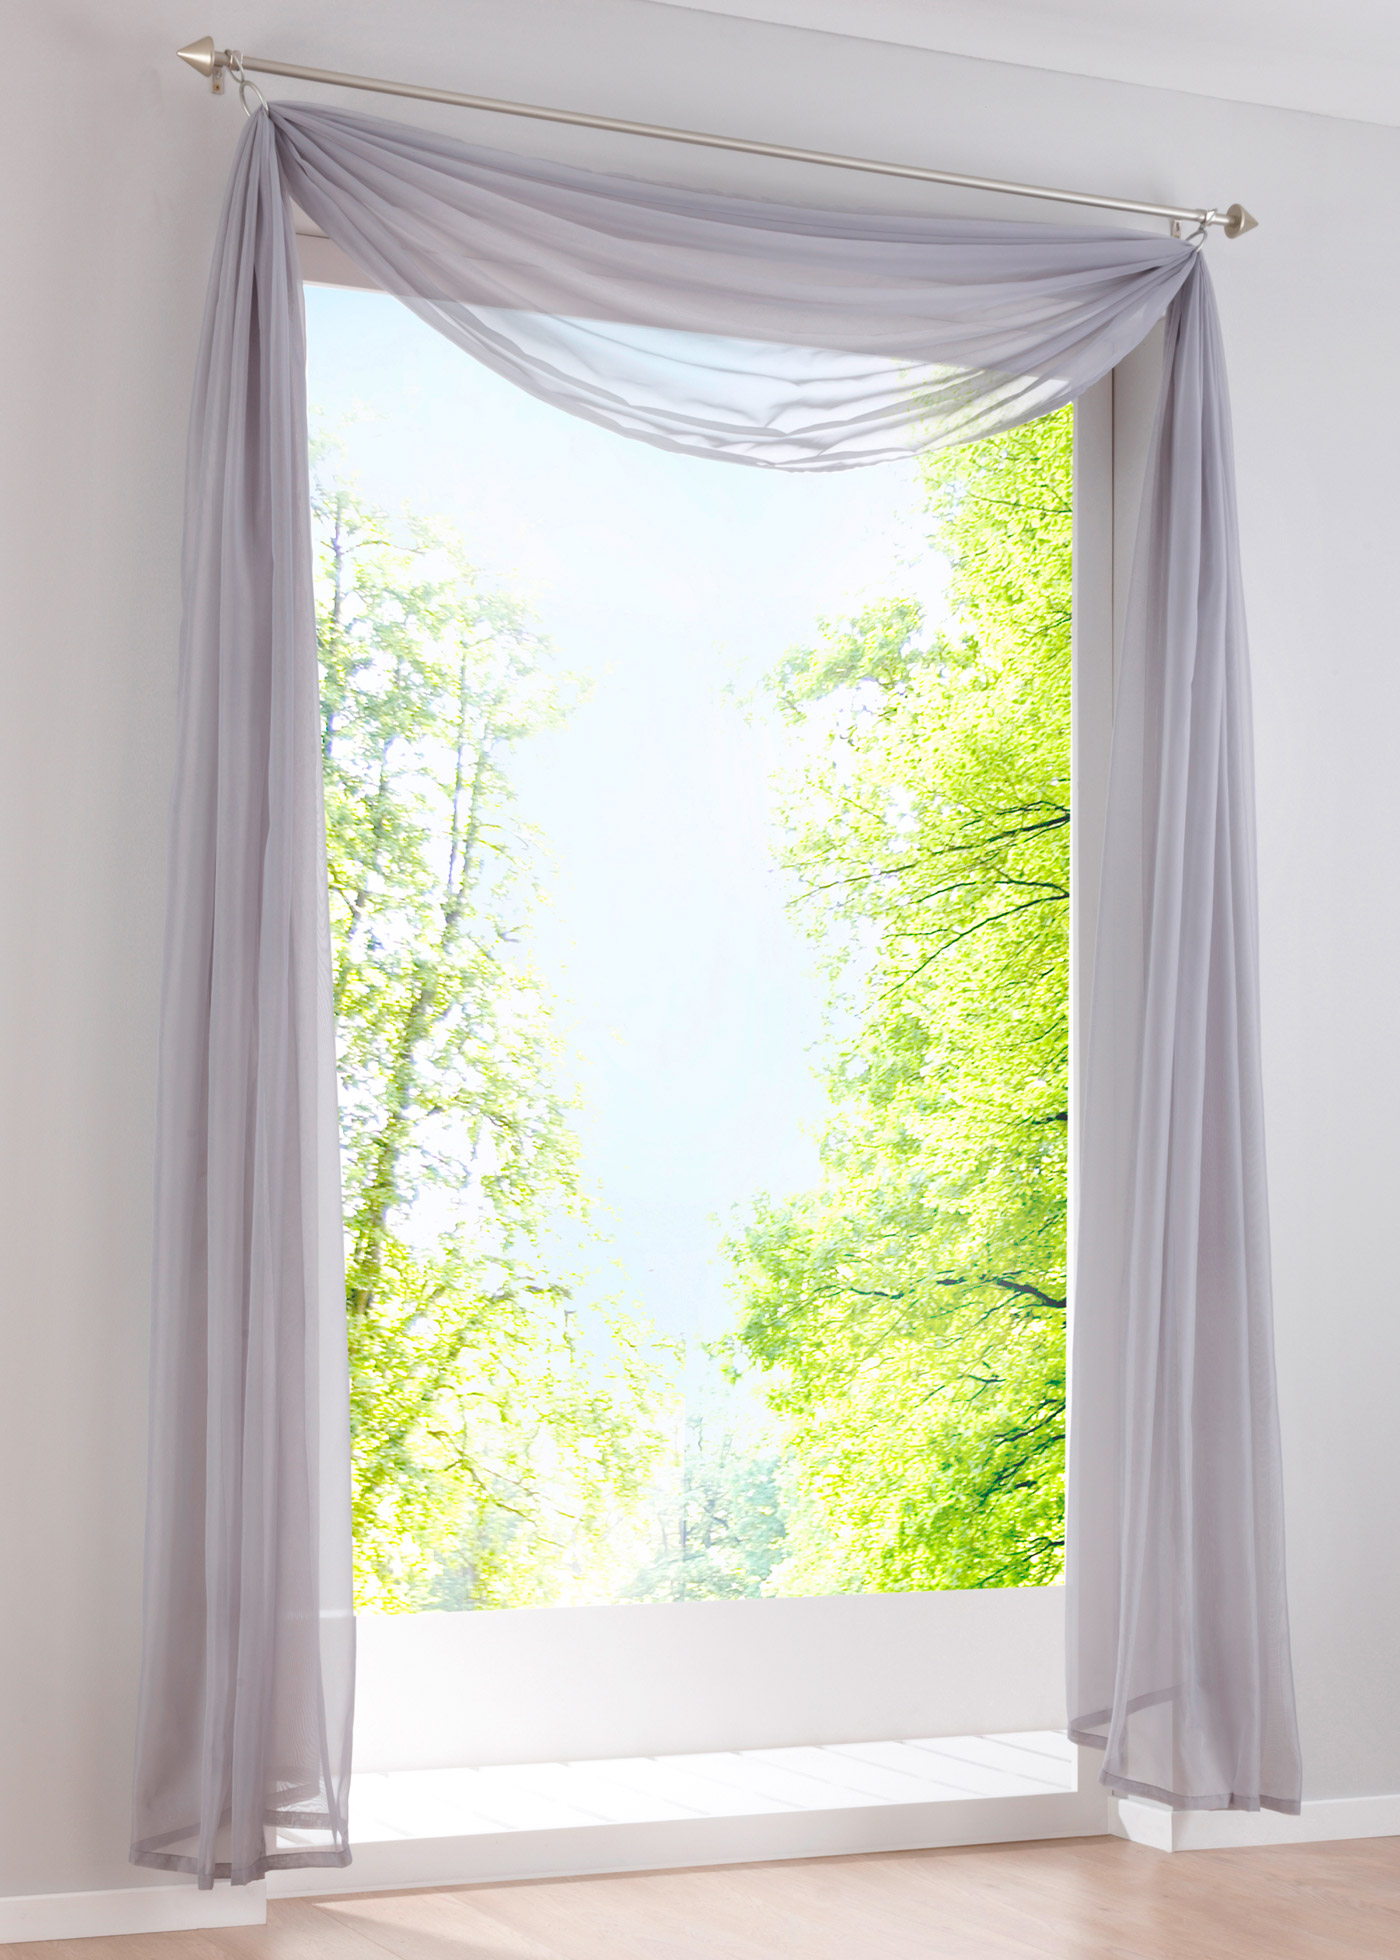 Full Size of Bonprix Gardinen Querbehang Transparenter Freihandbogen Einfarbig Schalvorhnge Fenster Küche Für Die Wohnzimmer Scheibengardinen Betten Schlafzimmer Wohnzimmer Bonprix Gardinen Querbehang